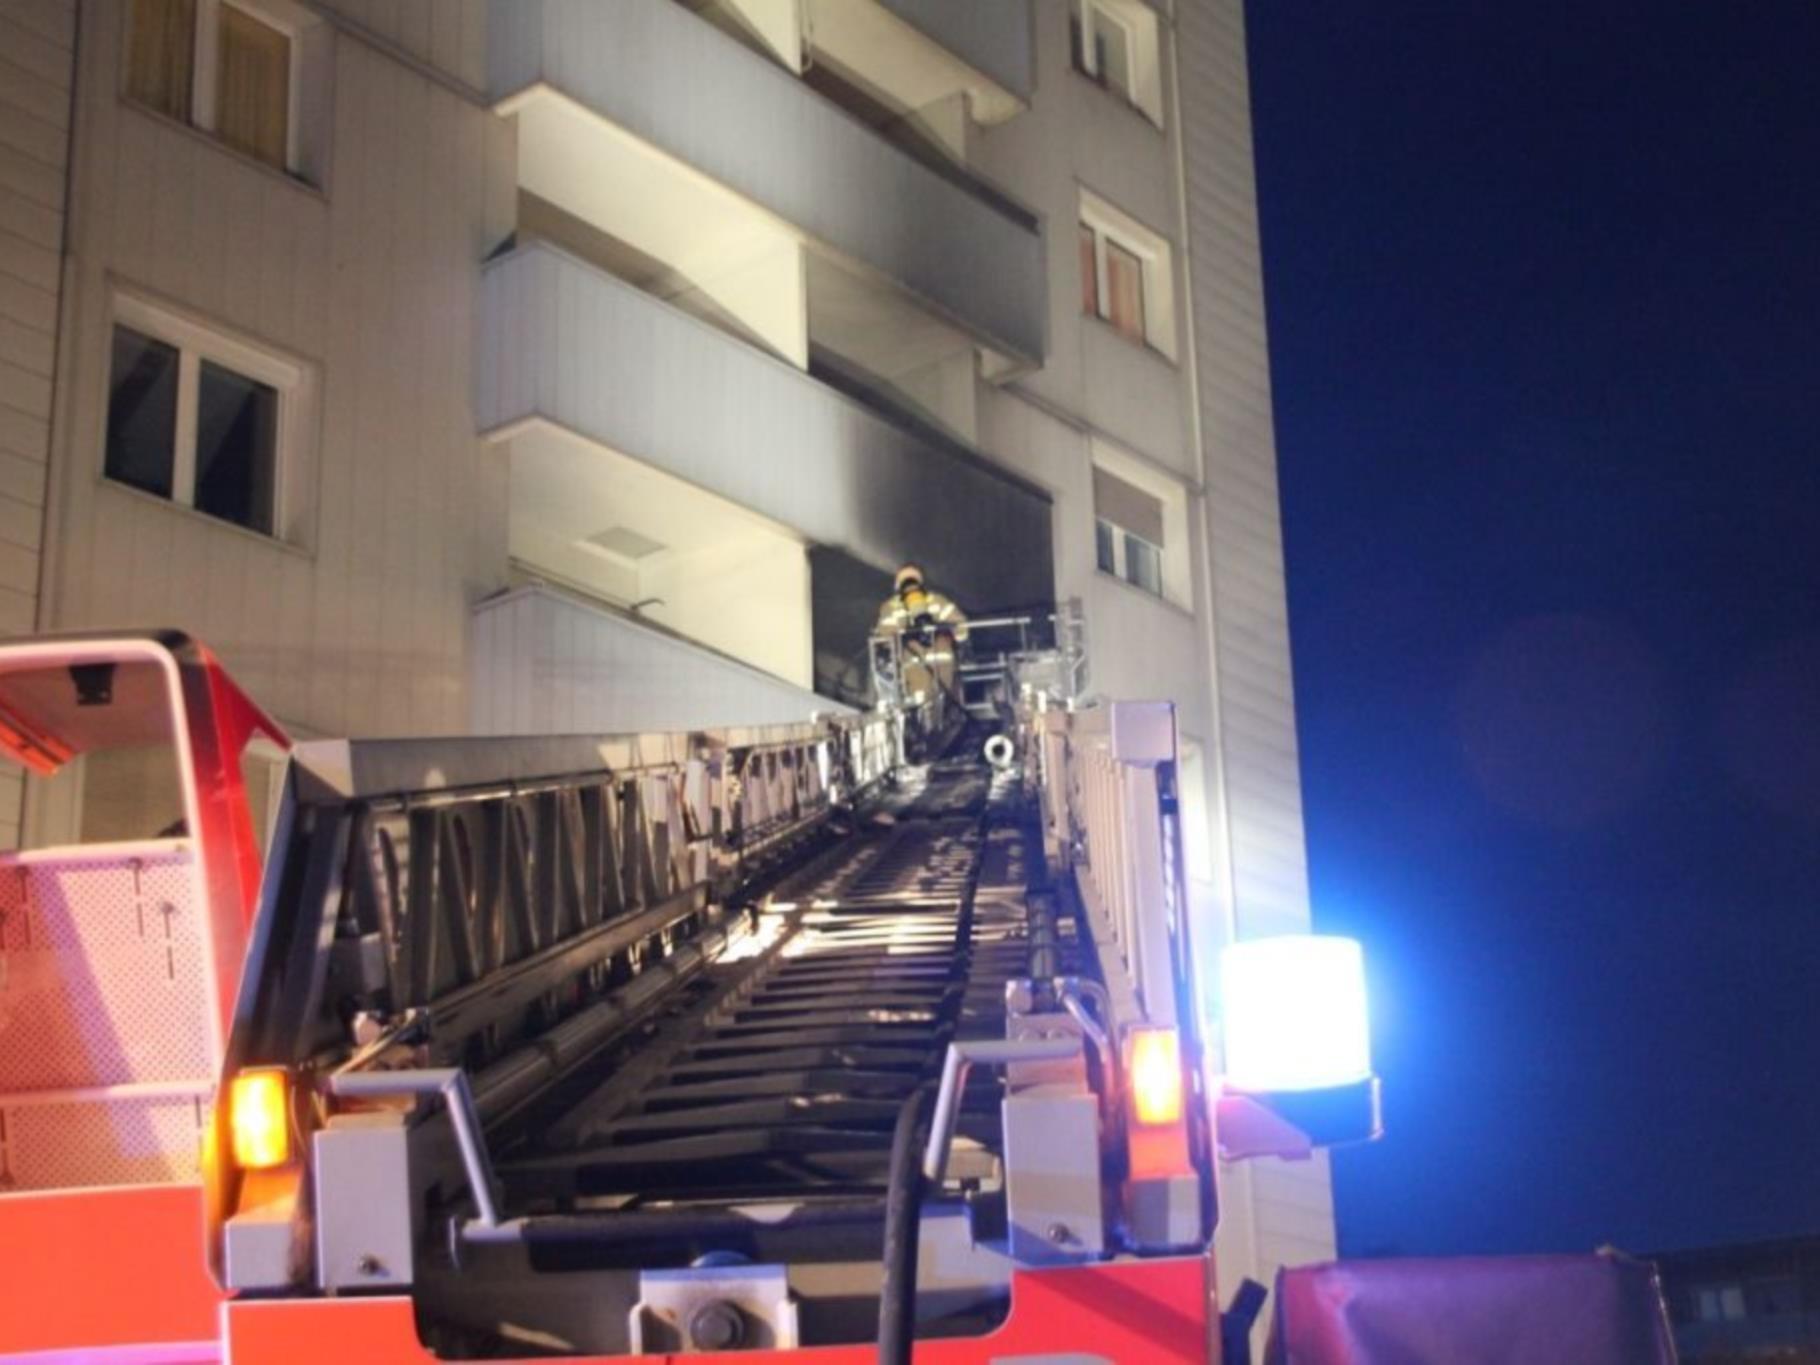 Die Einsatzkräfte brachen die Tür der betroffenen Wohnung auf und fanden im Inneren die leblose Frau auf einem Sofa.